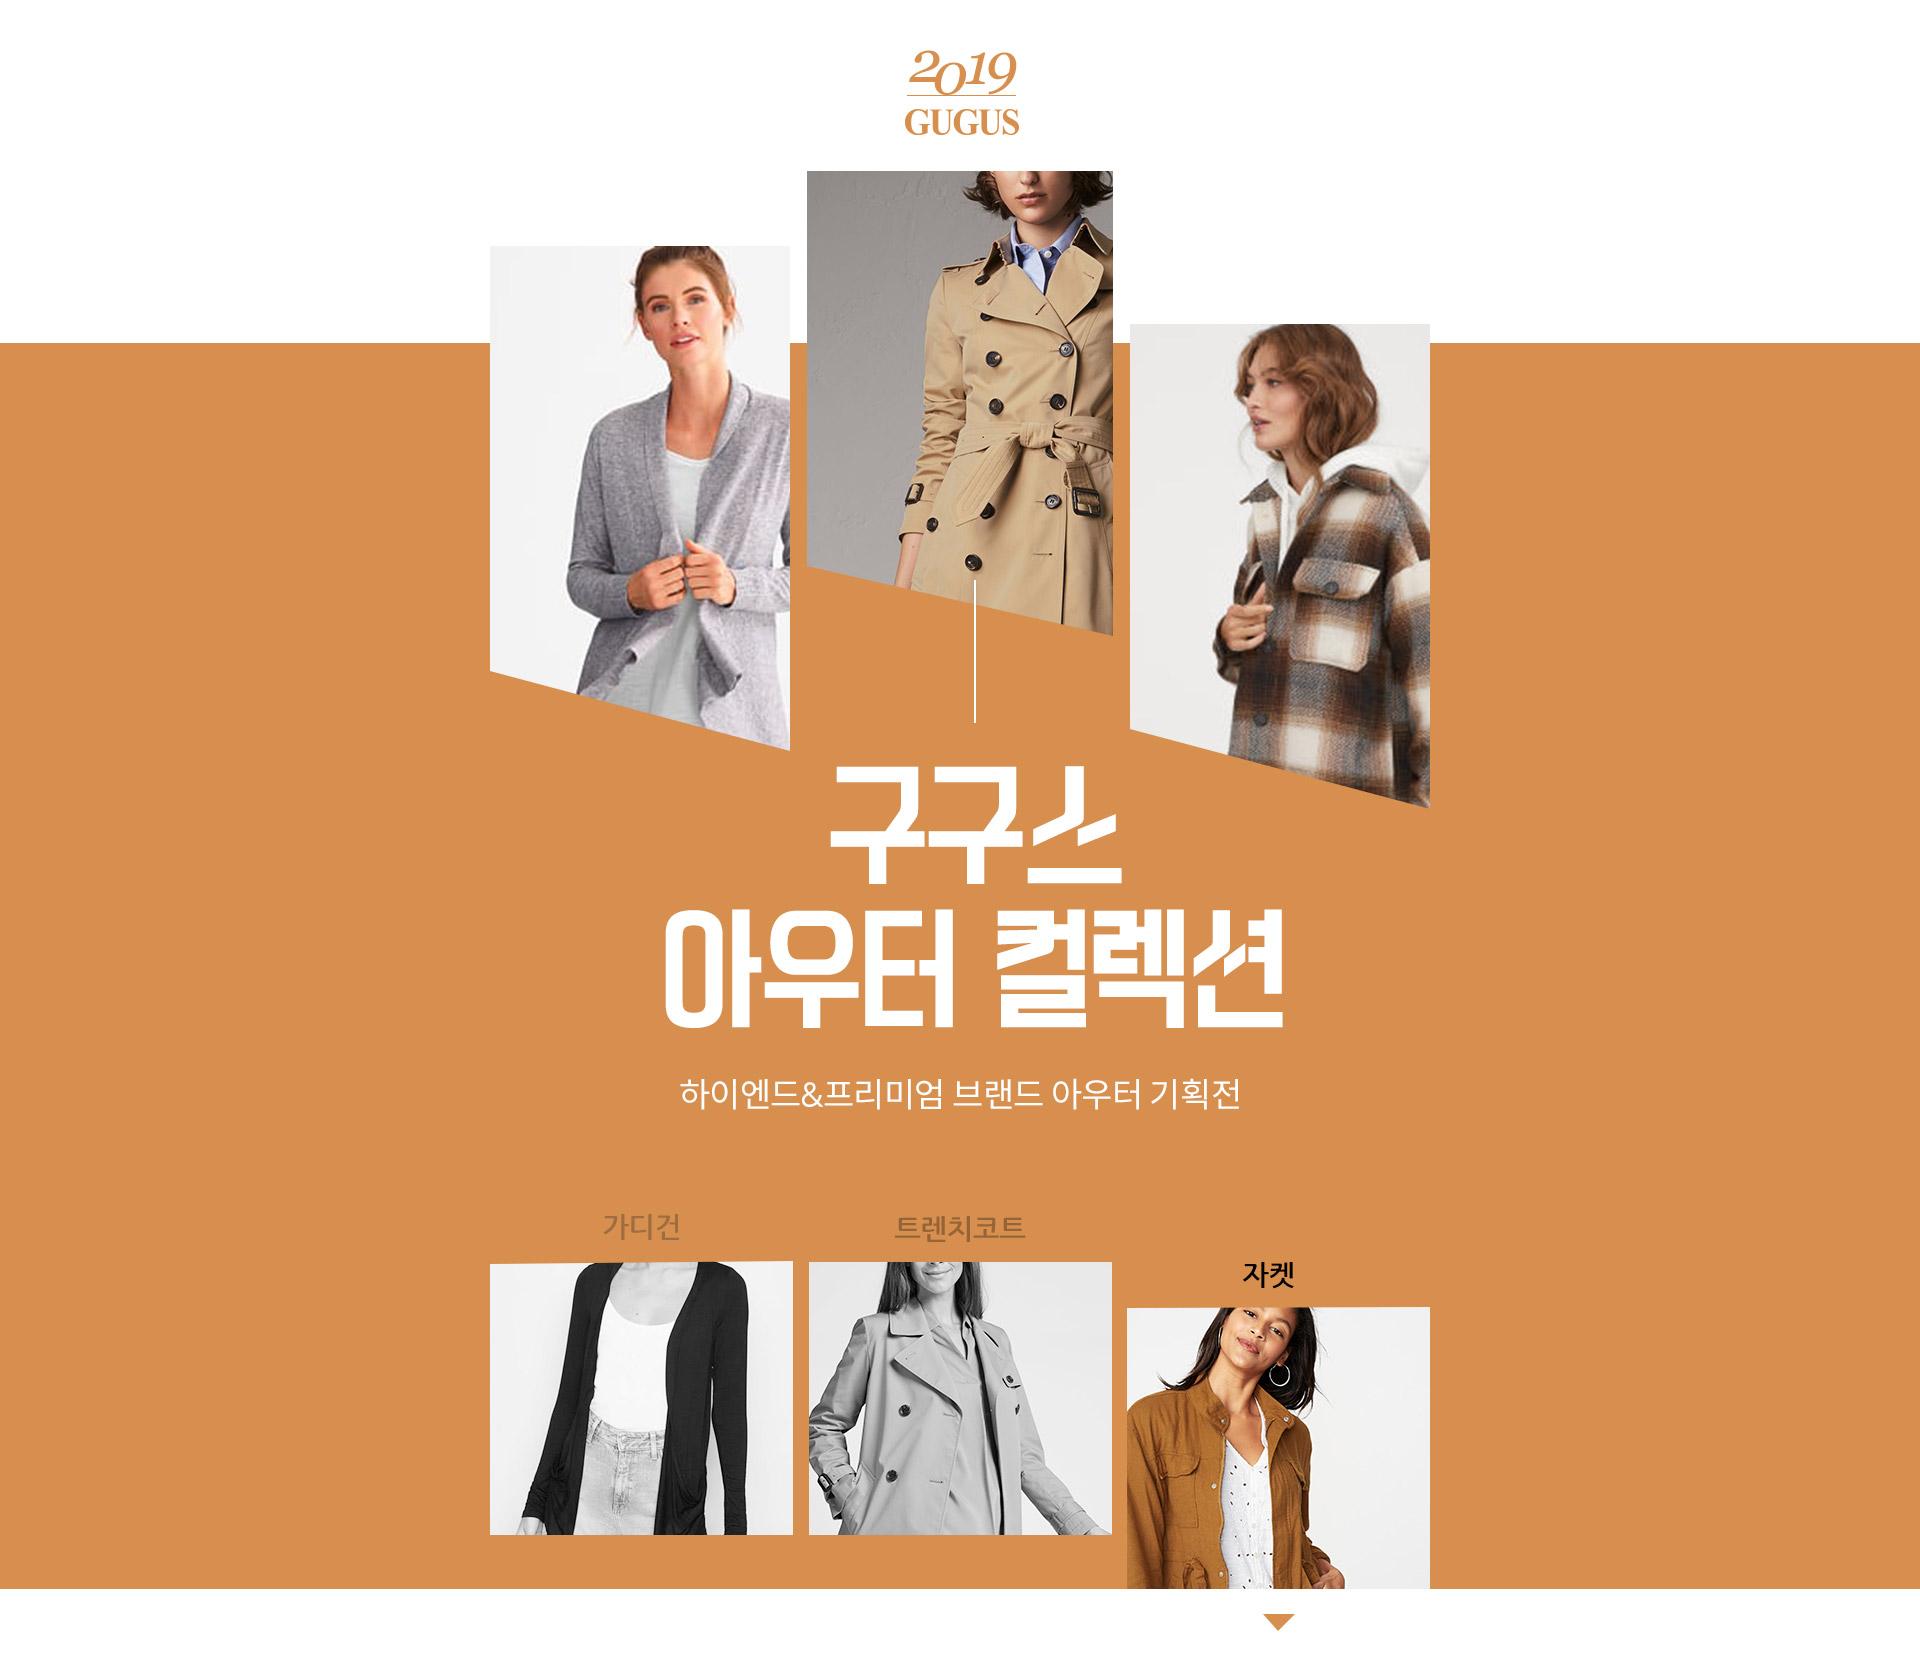 2019 구구스 아우터 컬렉션